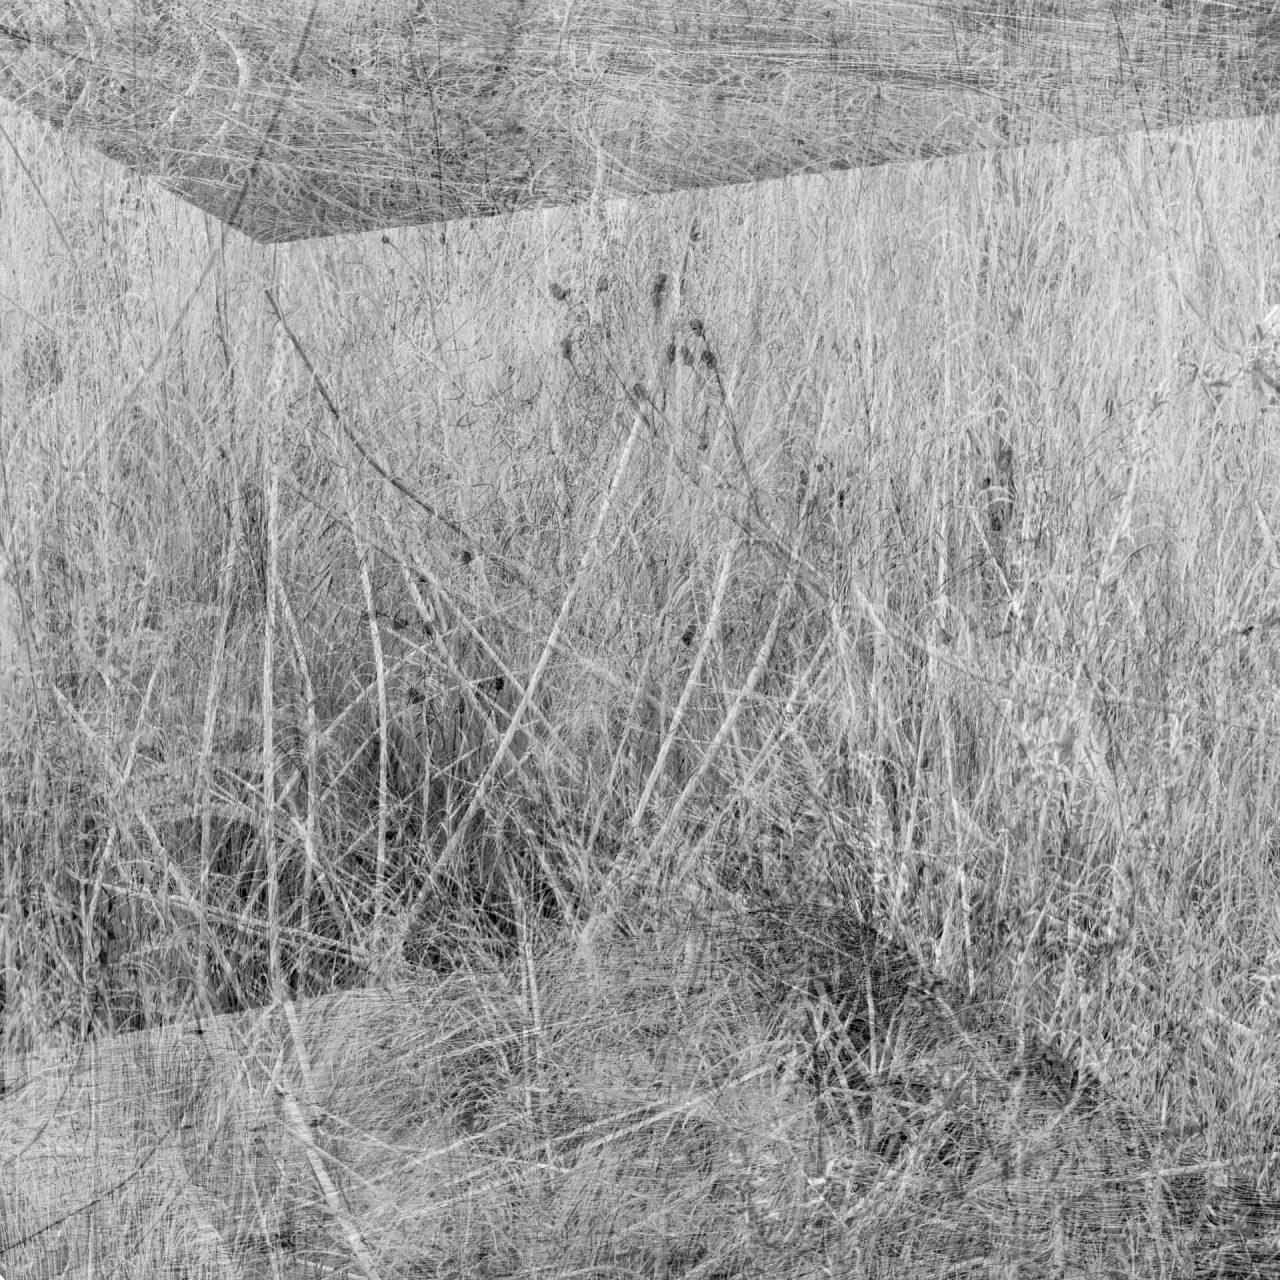 Eyal-Pinkas-Regardening-2-1280x1280